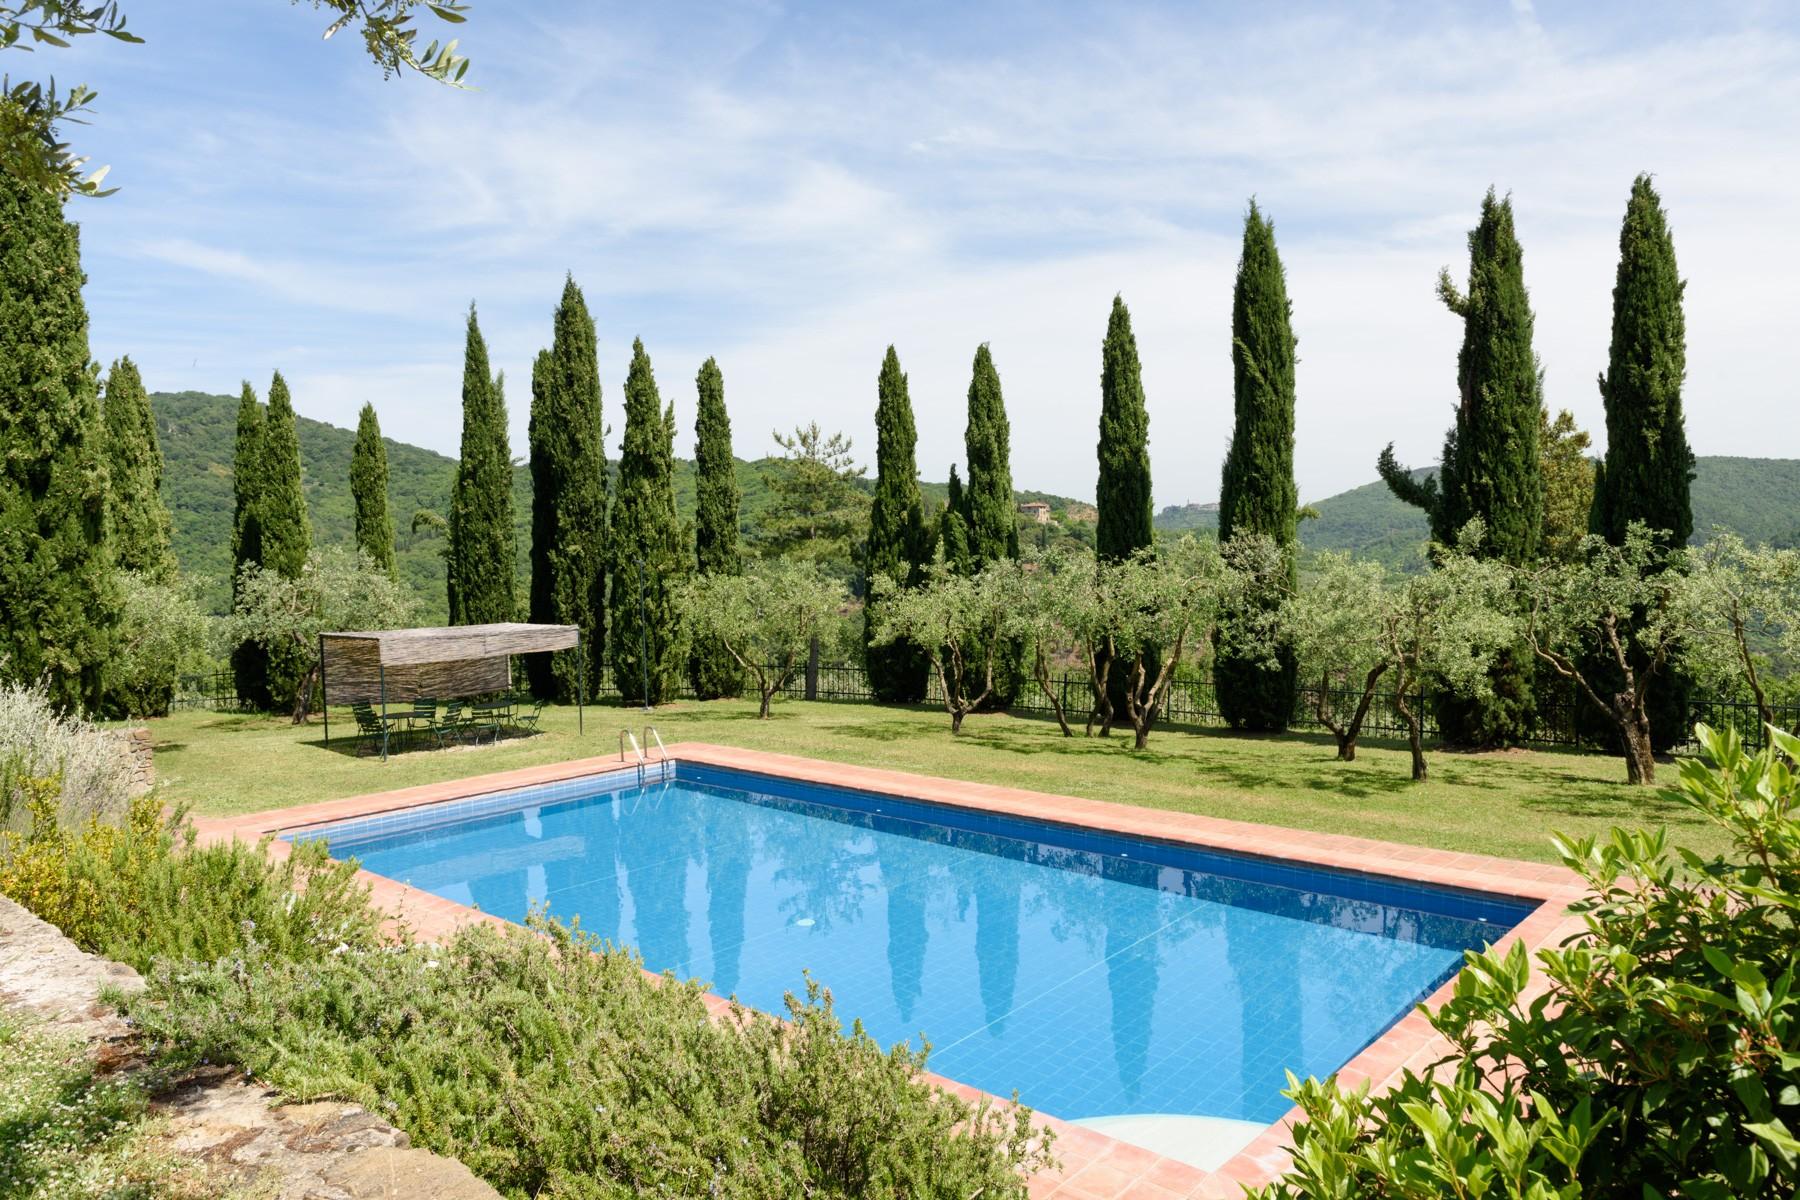 Villa di lusso in vendita a pergine valdarno casa localit - Piscina di pergine ...